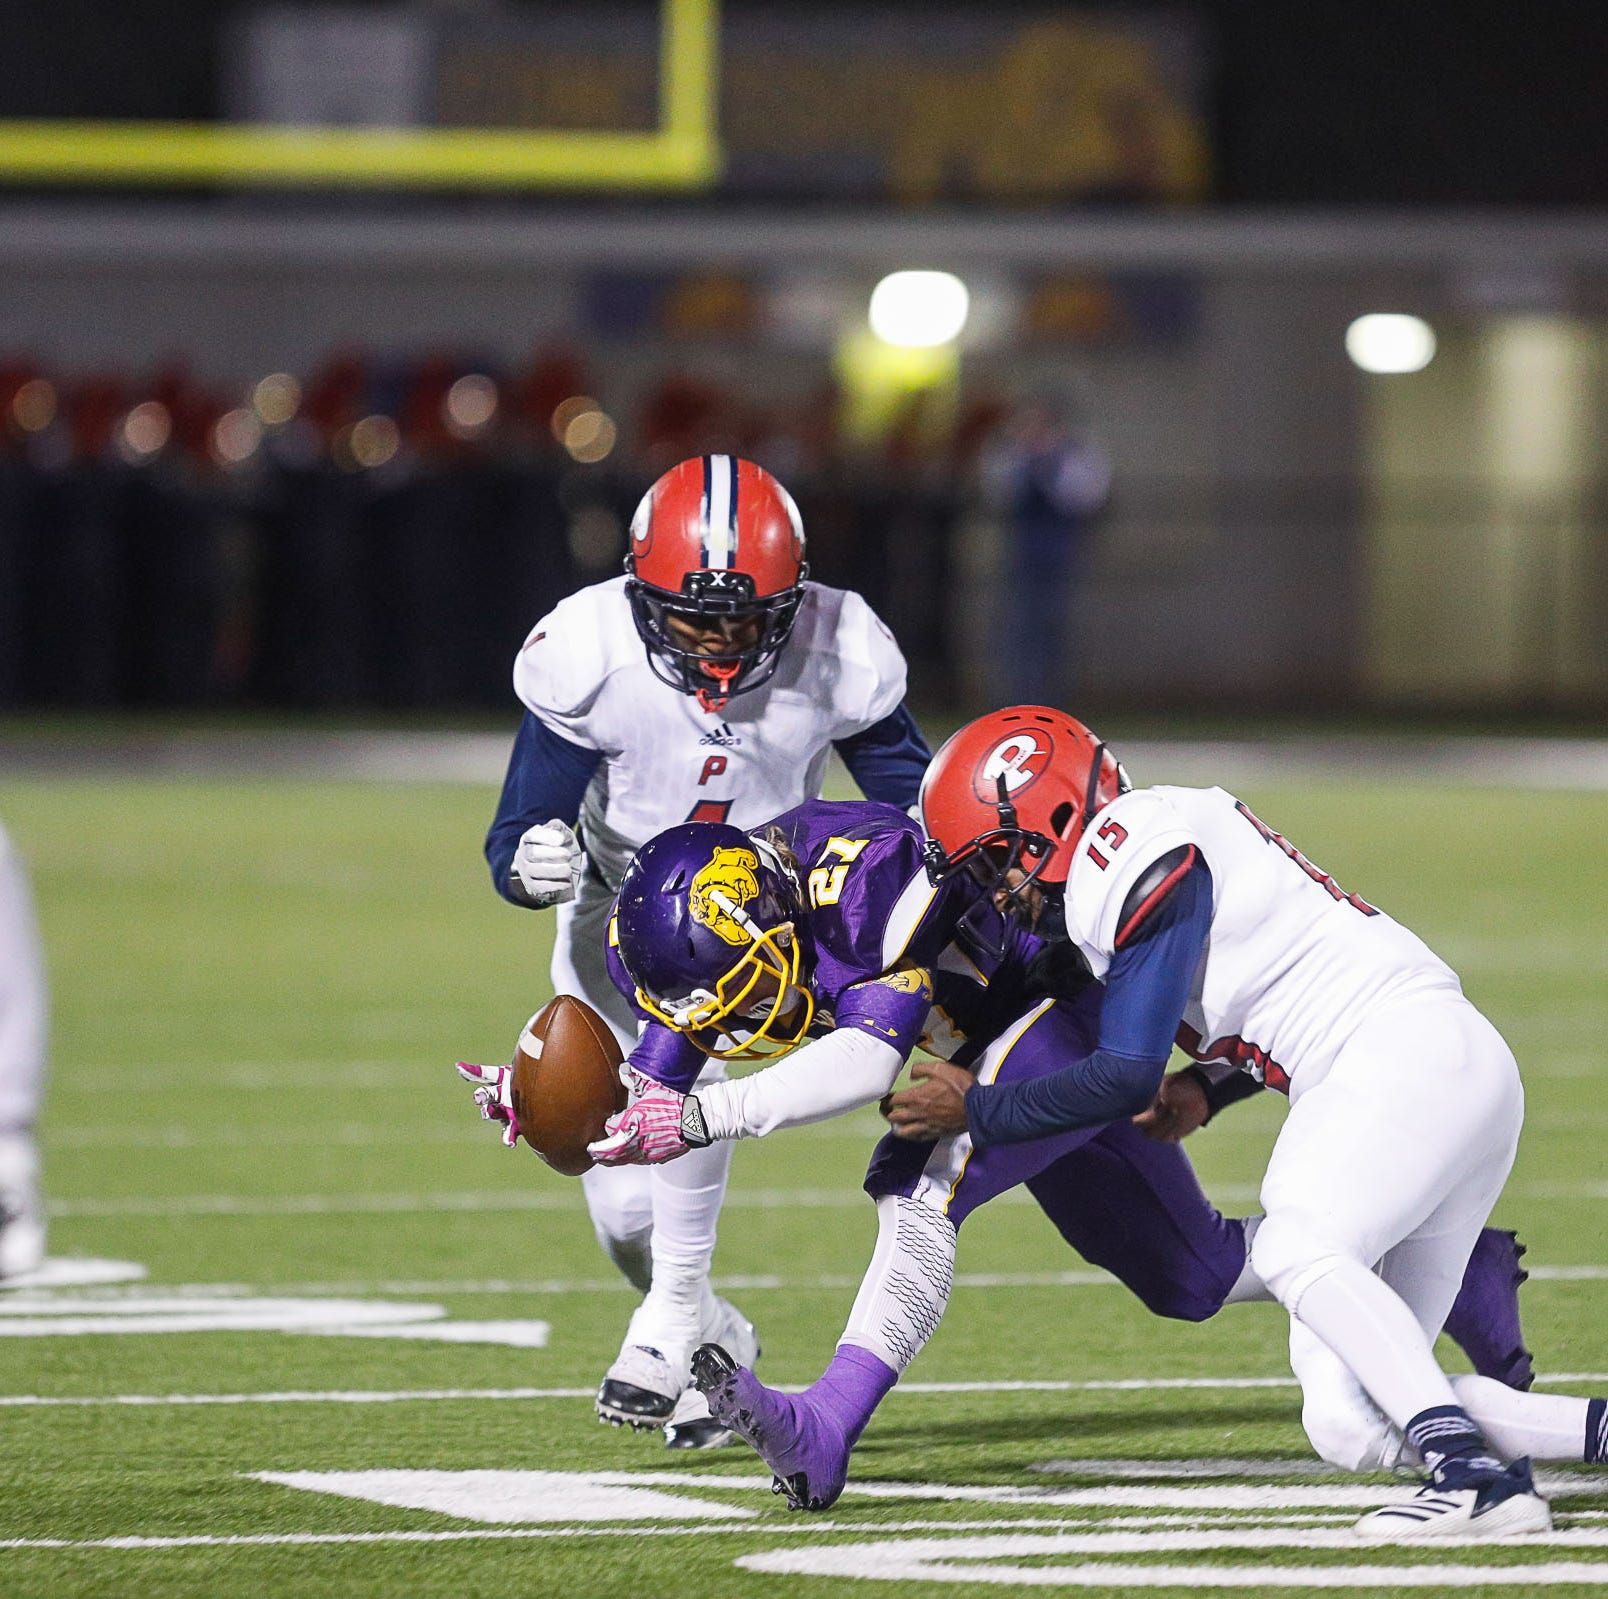 Texas High School Football Scores Nov. 8-10